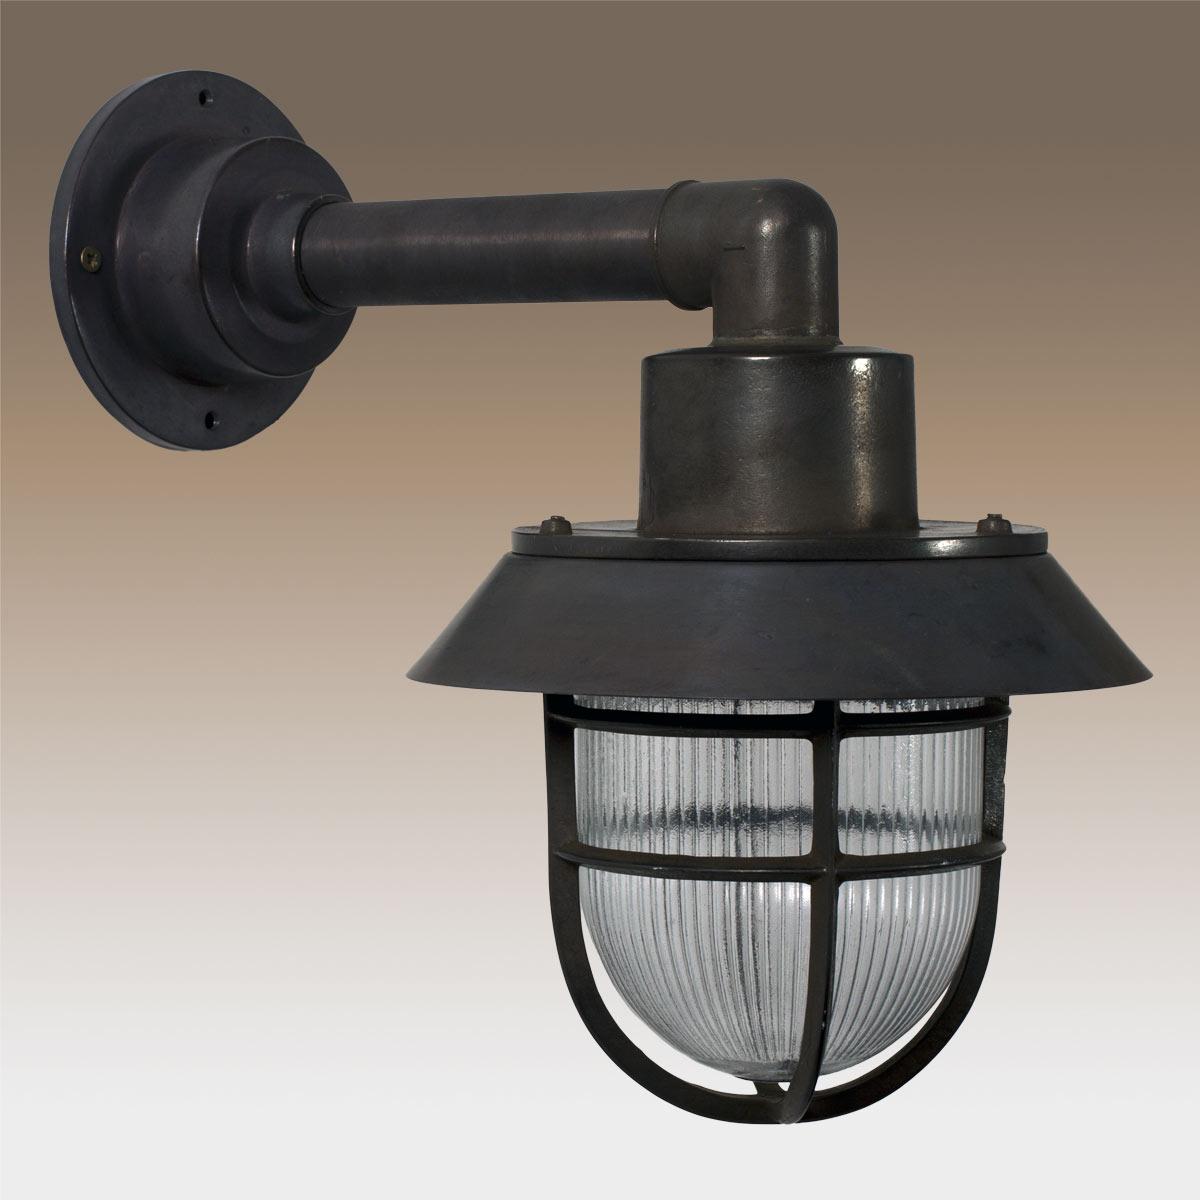 KS Docklight maritieme scheepslamp